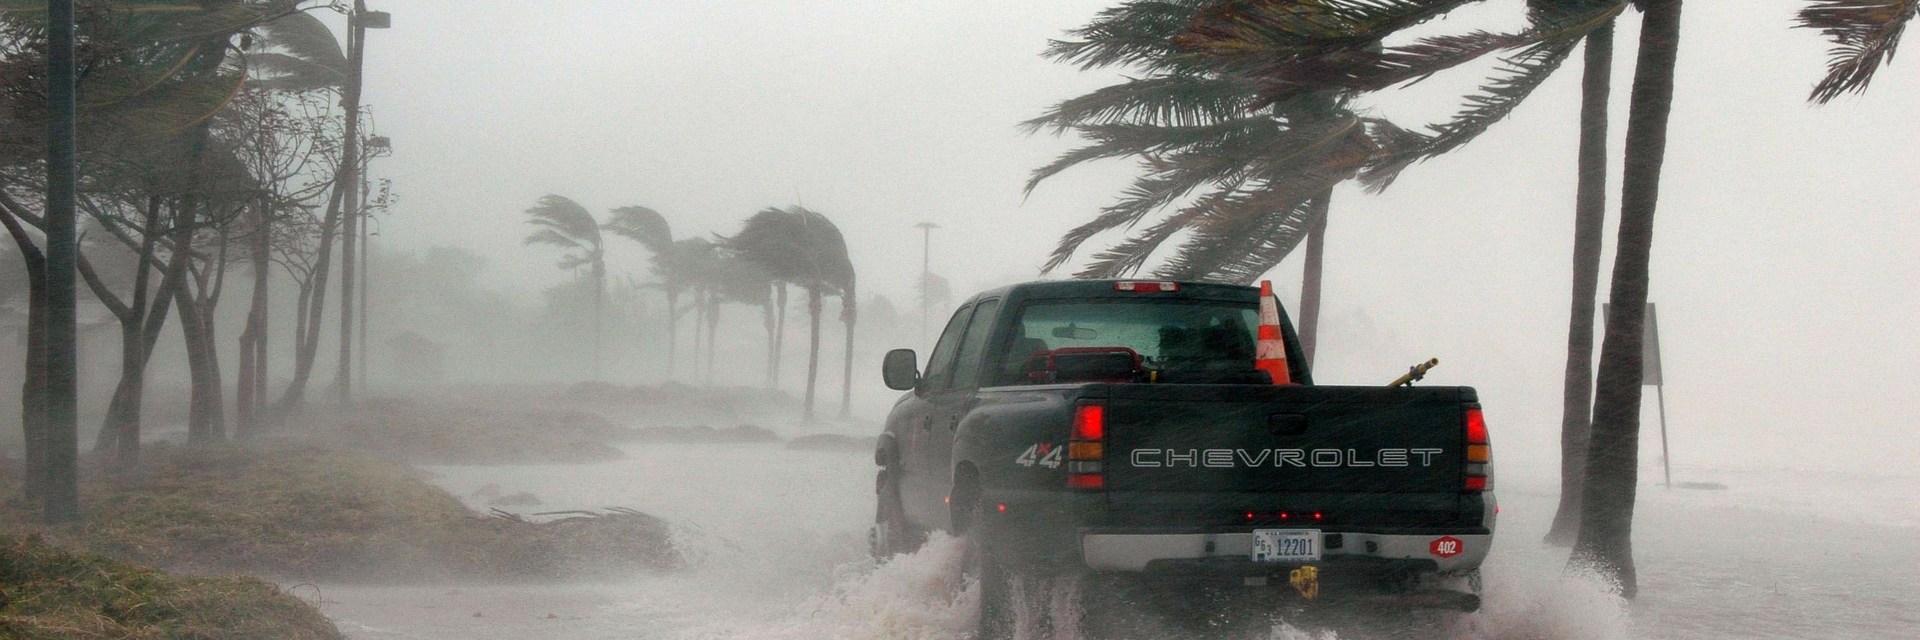 FEMA Exposes Private Data